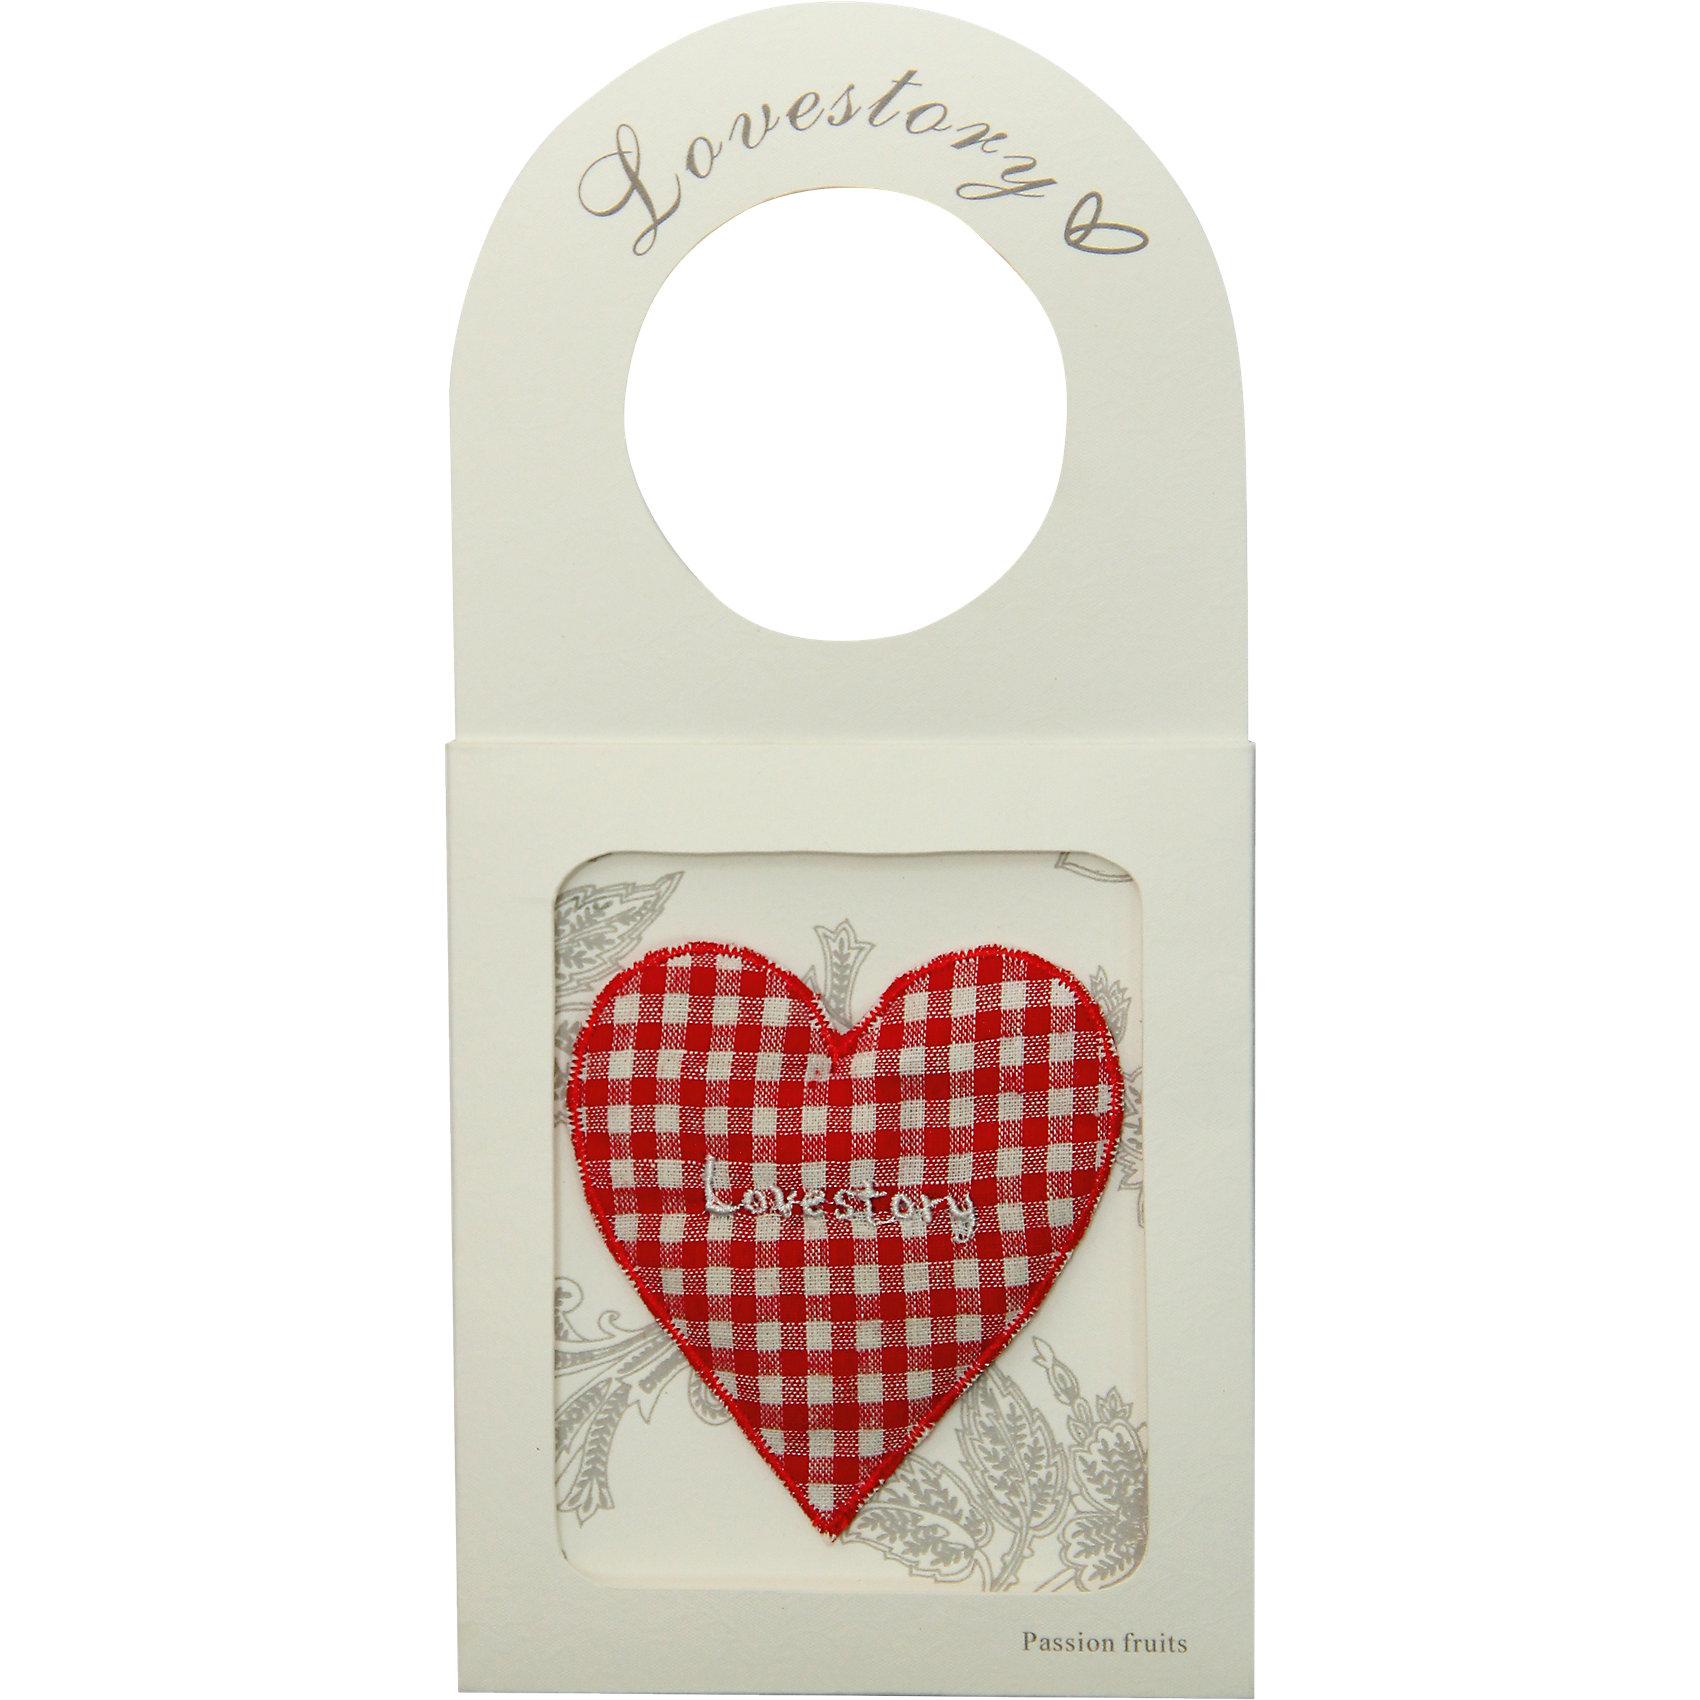 Ароматизированное саше Маракуйя с держателемАроматизированное саше Маракуйя, выполненное из ткани, станет прекрасным символическим подарком на любой праздник. Саше с нежным фруктовым запахом наполнит гардеробную ненавязчивым и изысканным ароматом.<br><br>Дополнительная информация:<br><br>- Материал: ароматизированный вермикулит, бумага, текстиль.<br>- Размер: 11х22,6 см.<br>- Аромат маракуйя.<br>- С бумажным держателем.<br>- Для белья и гардеробов.<br>- Долго сохраняет аромат. <br><br>Ароматизированное саше Маракуйя, с держателем, можно купить в нашем магазине.<br><br>Ширина мм: 110<br>Глубина мм: 8<br>Высота мм: 226<br>Вес г: 20<br>Возраст от месяцев: 36<br>Возраст до месяцев: 2147483647<br>Пол: Женский<br>Возраст: Детский<br>SKU: 4548374